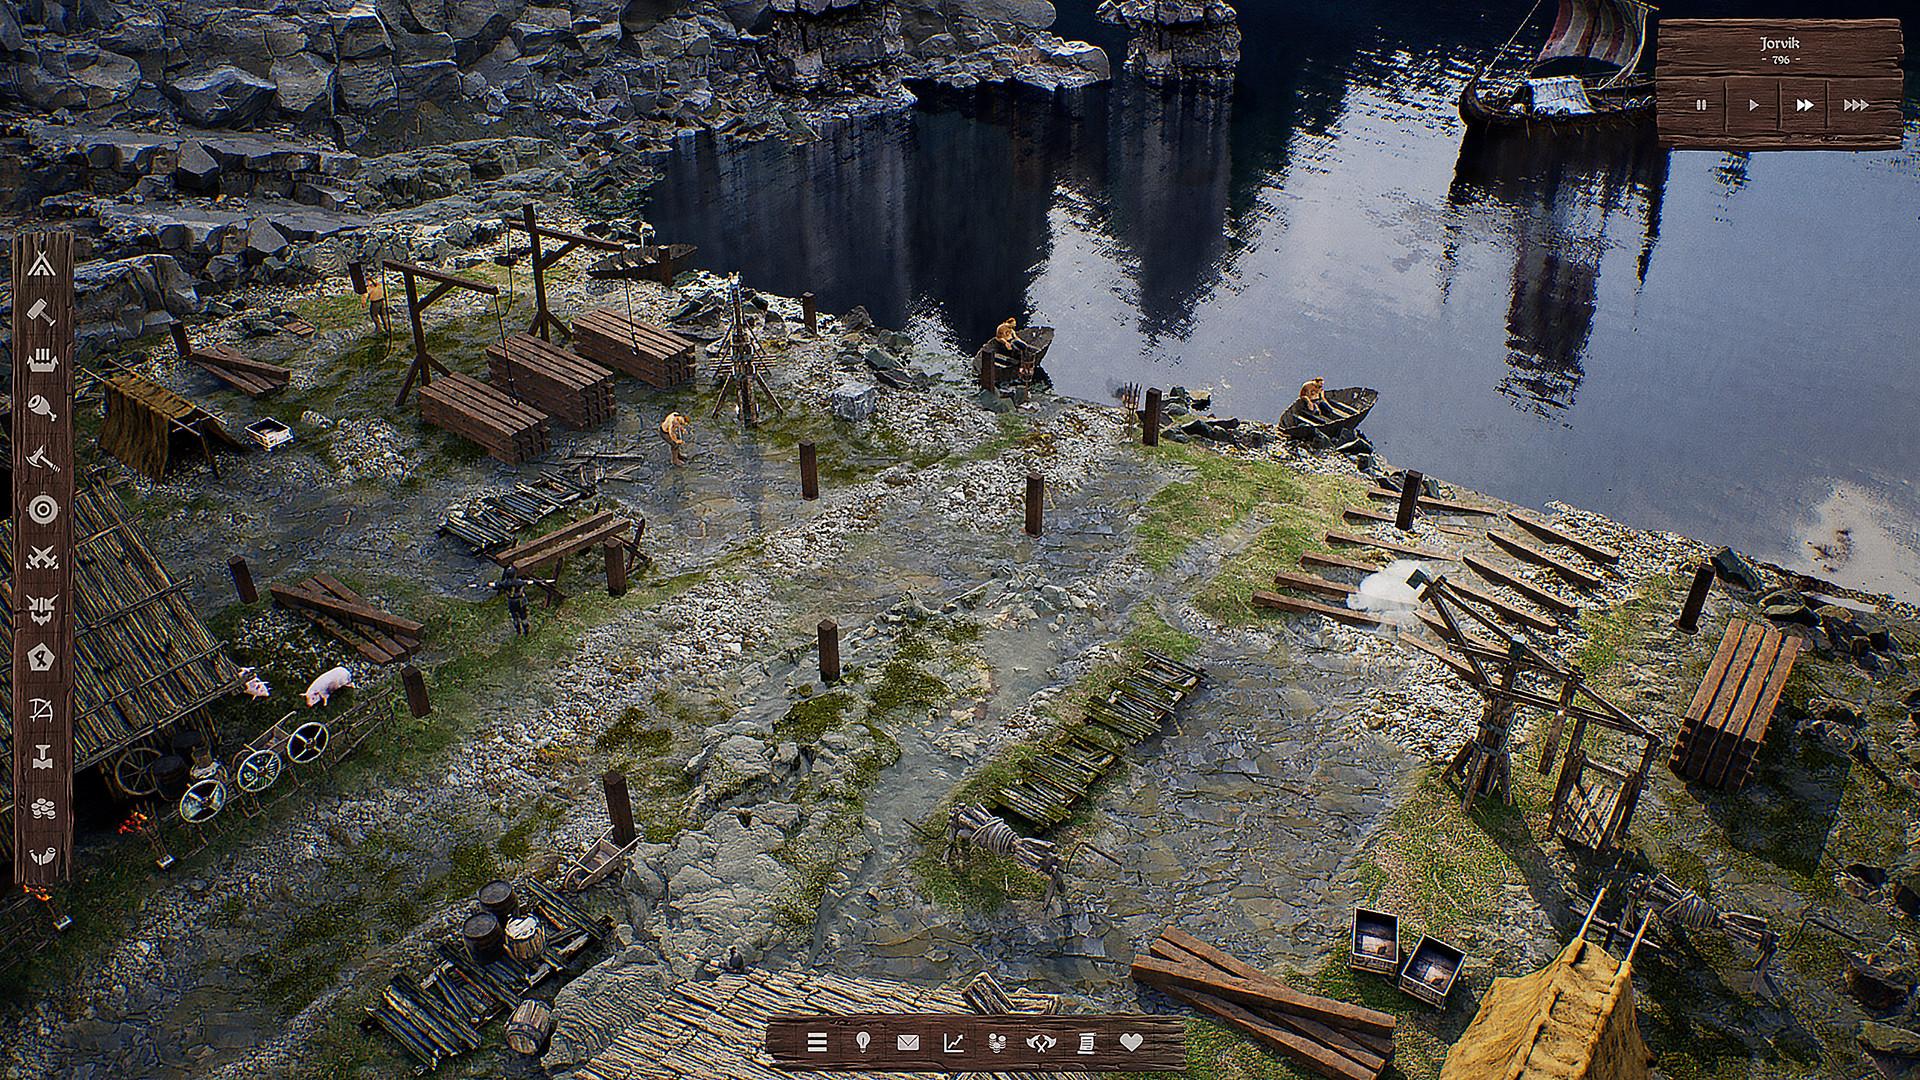 游戏新消息:首个带光追即时战略游戏维京城建设者上架Steam